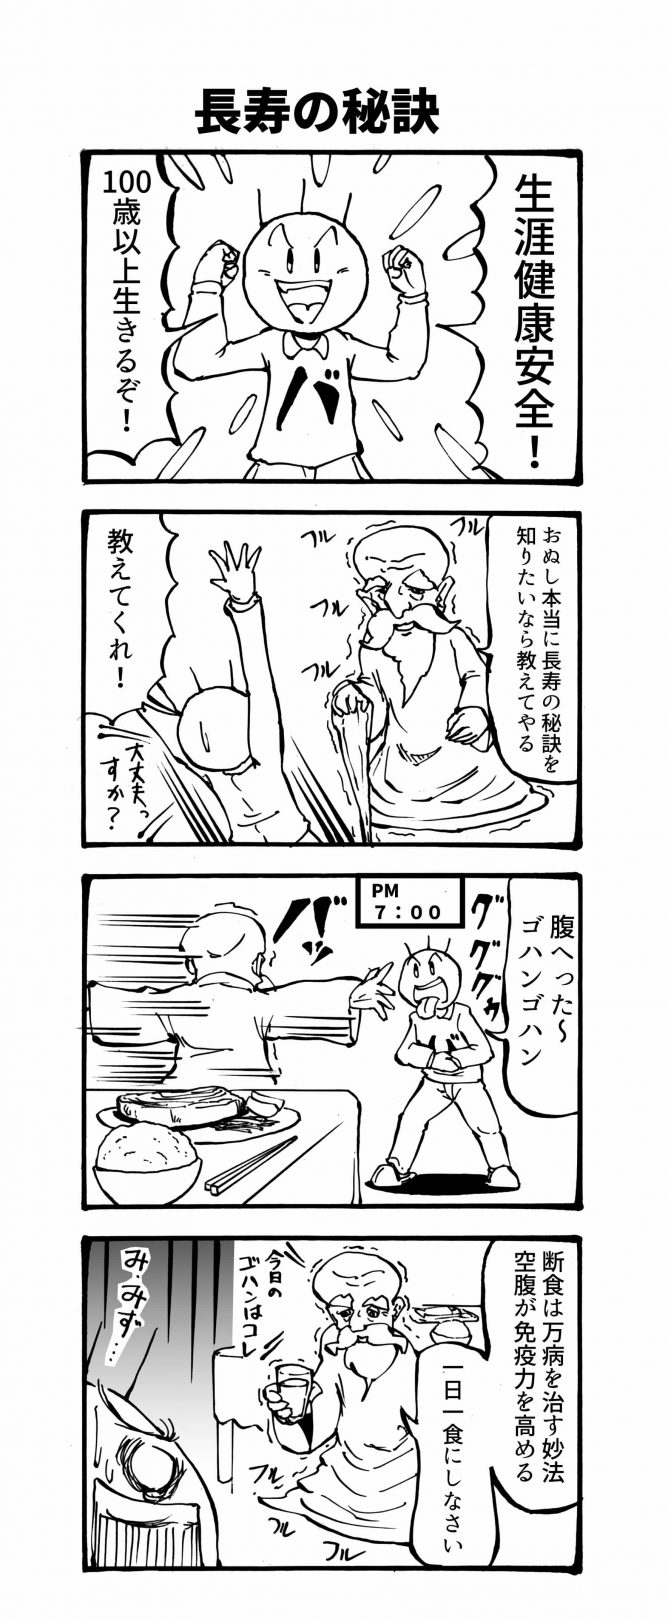 長寿の秘訣 四コマ漫画